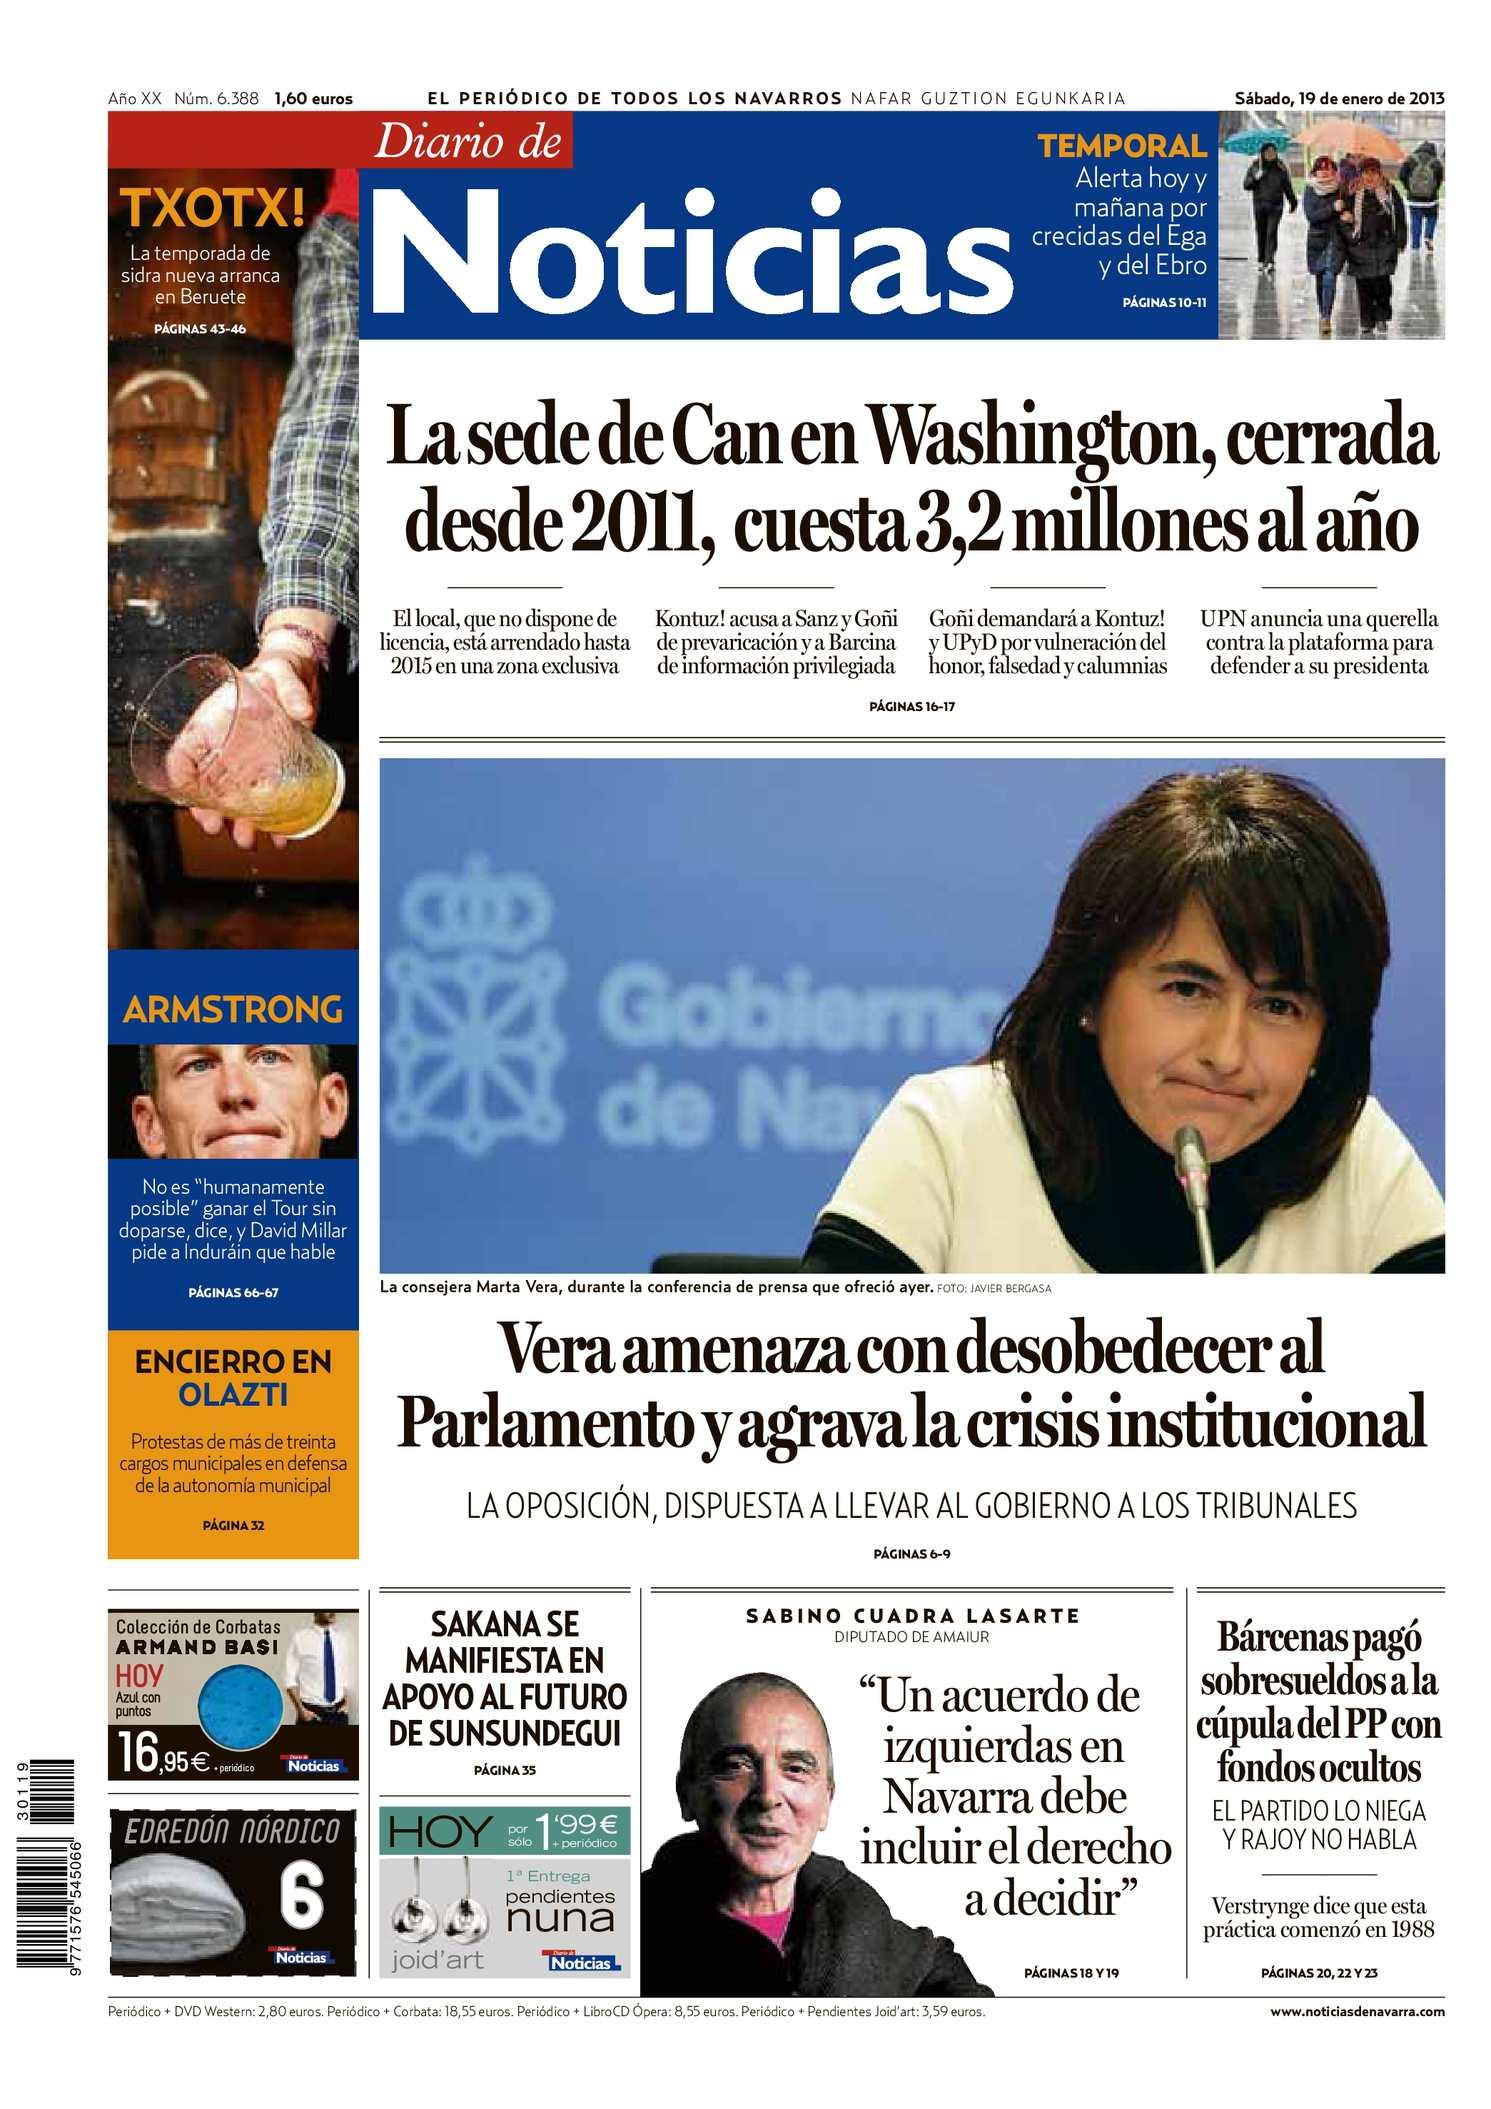 Calaméo Diario 20130119 Noticias 20130119 De De Calaméo Diario Noticias N8Onwvm0